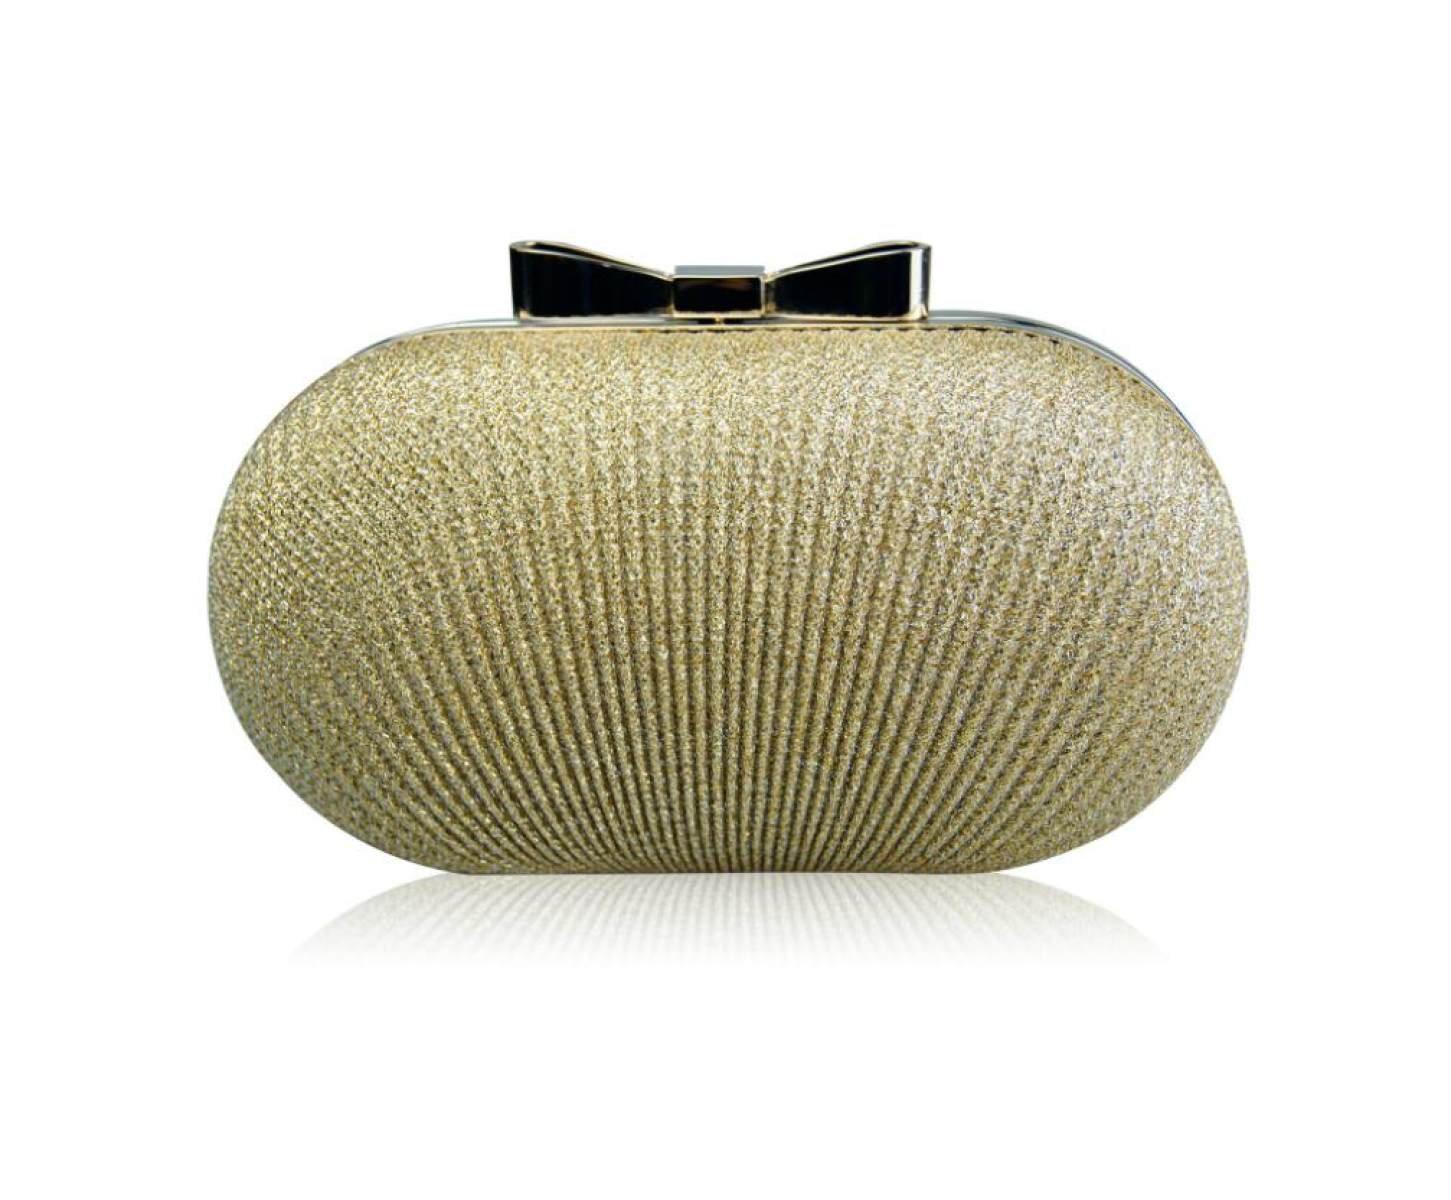 GSHGA Womens Clutch Taschen Mode Falten Abendtasche Box Schulter Messenger Bag, Black